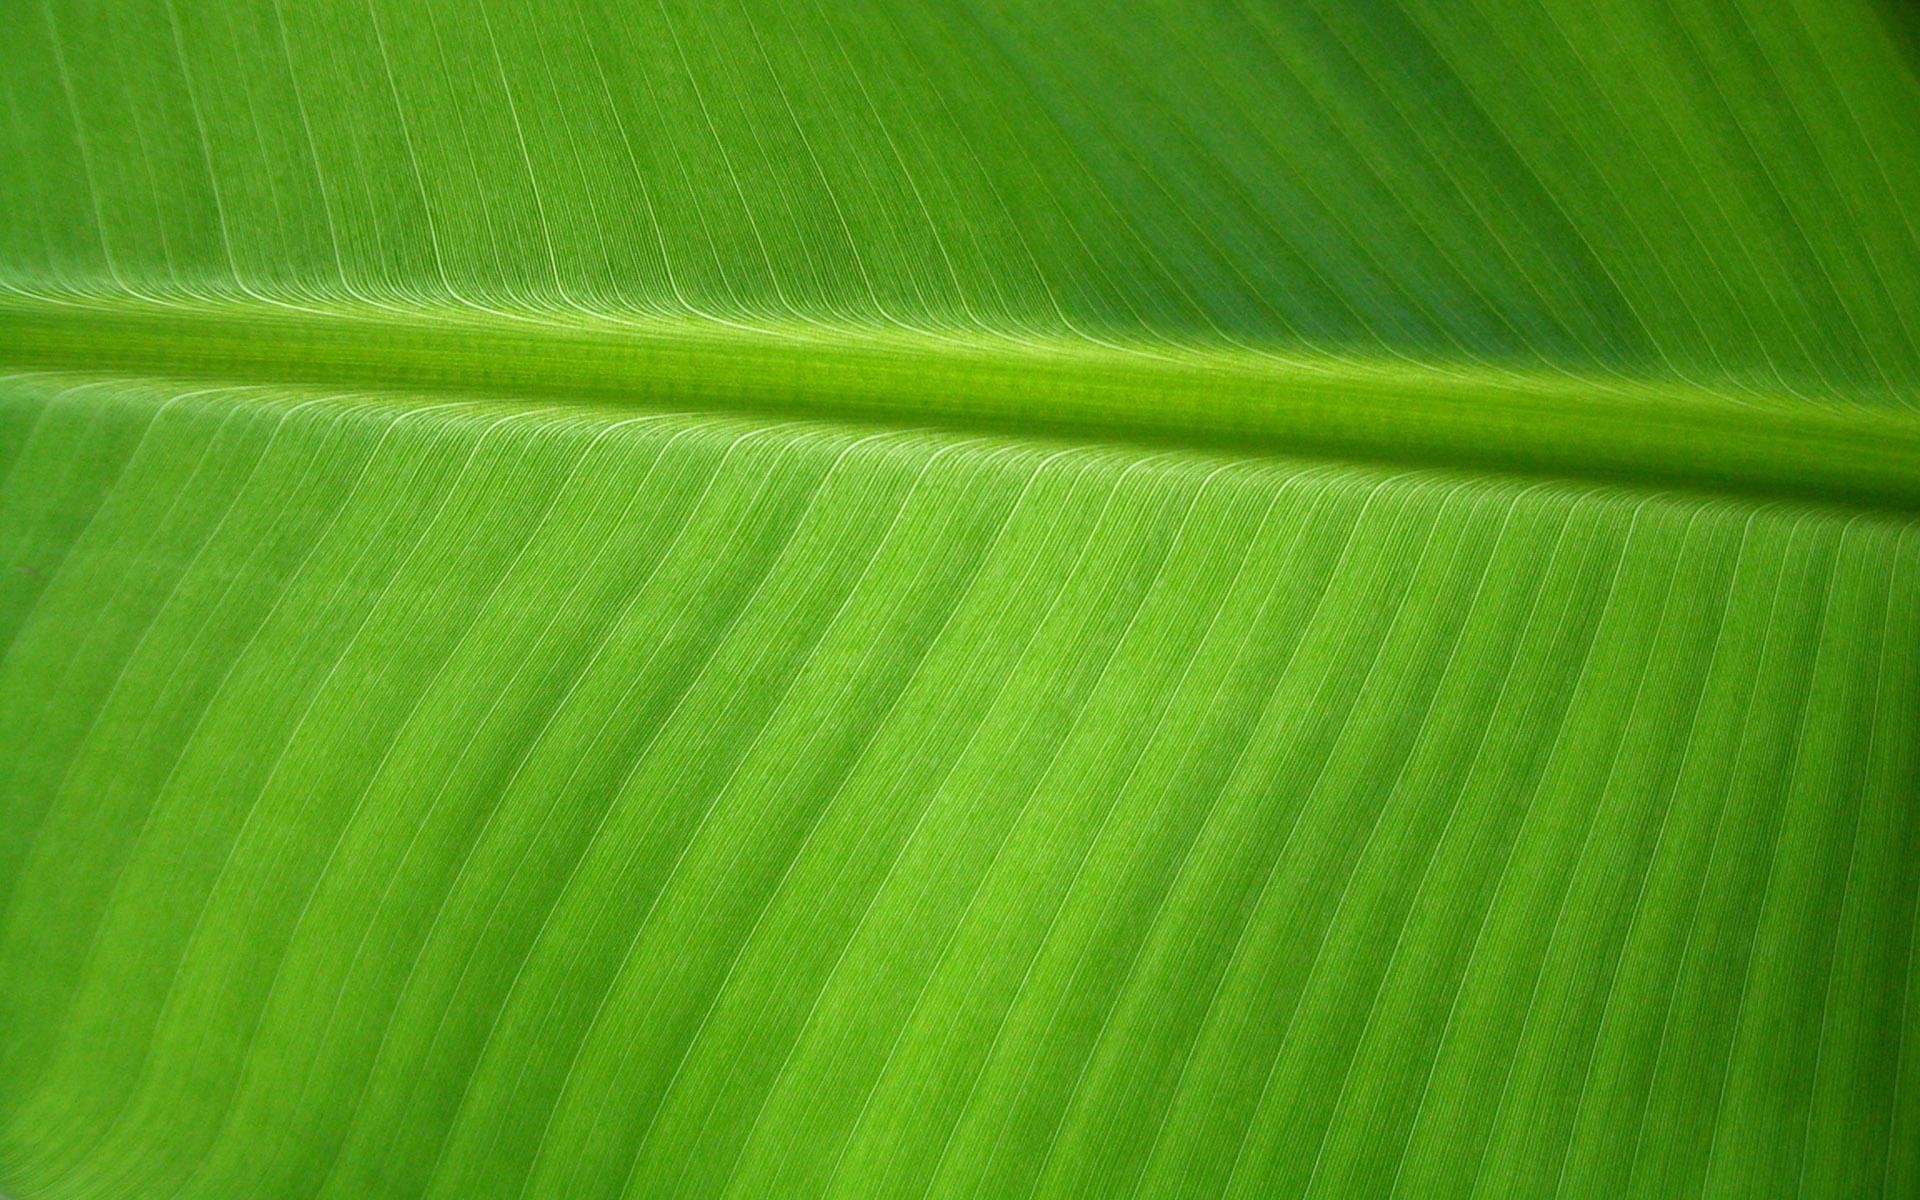 banana leaf by orodrethc on deviantart